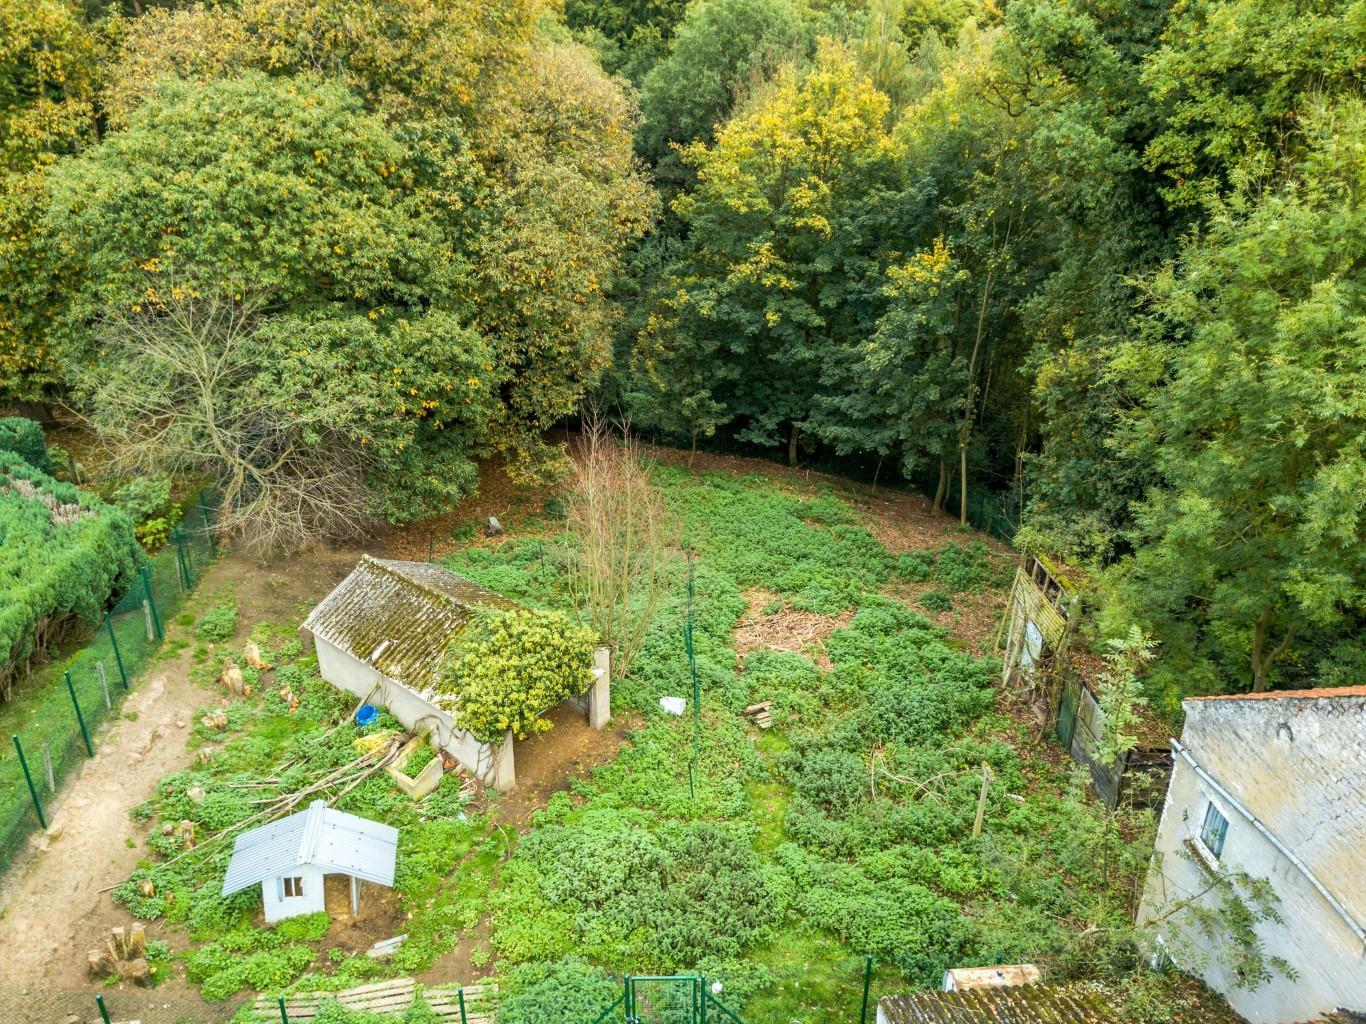 Terrain à bâtir - Chaumont-Gistoux - #3150914-1